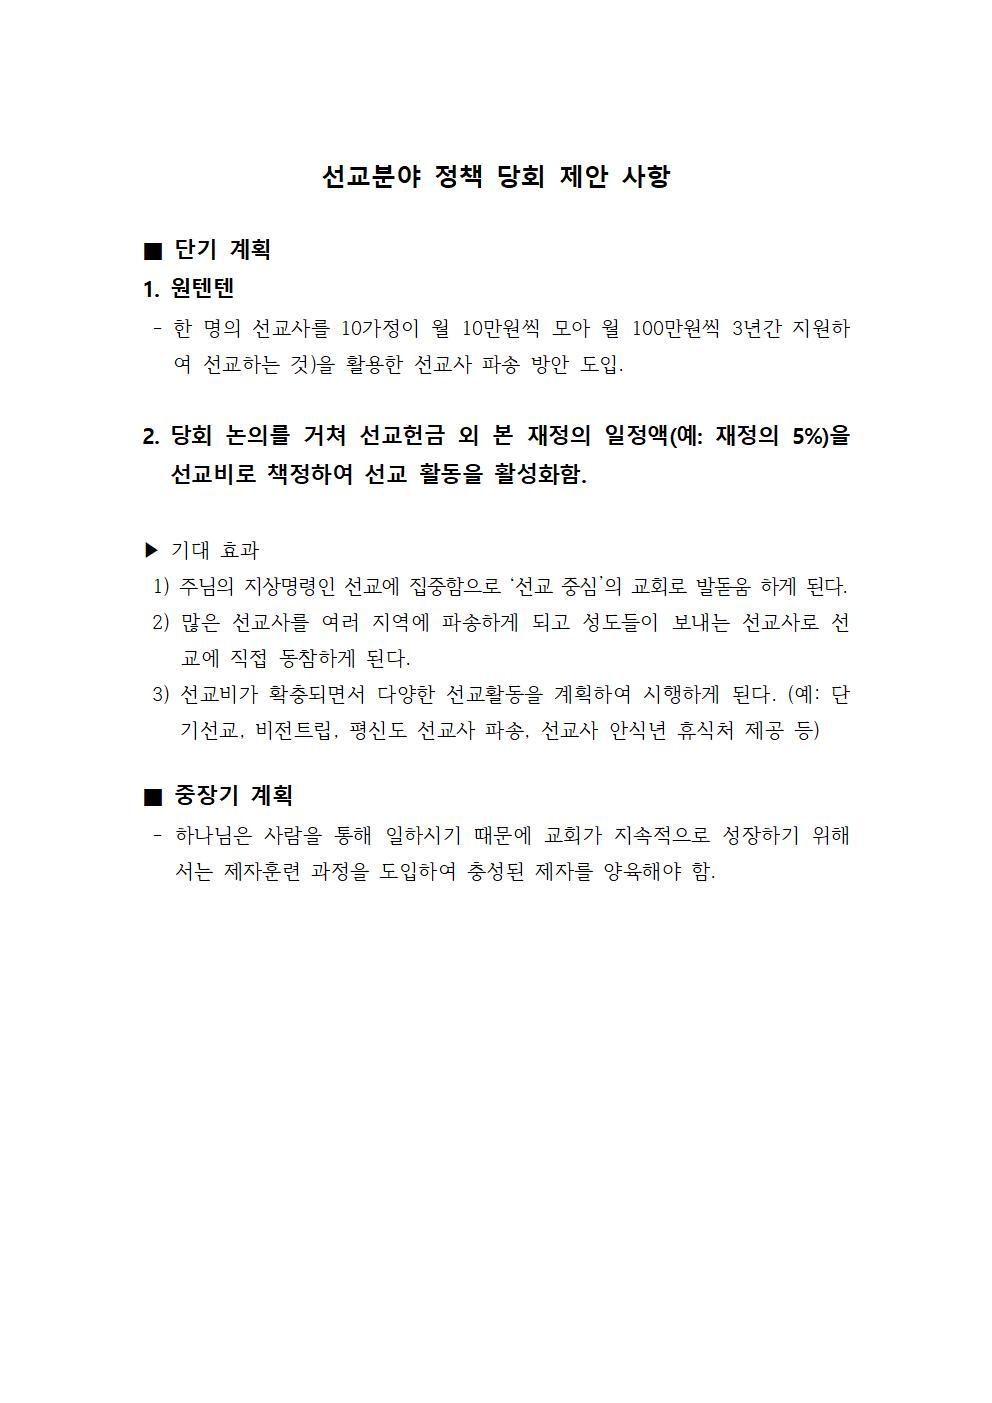 ◎ 2019년 선교분야 정책 당회 제안 사항001.jpg